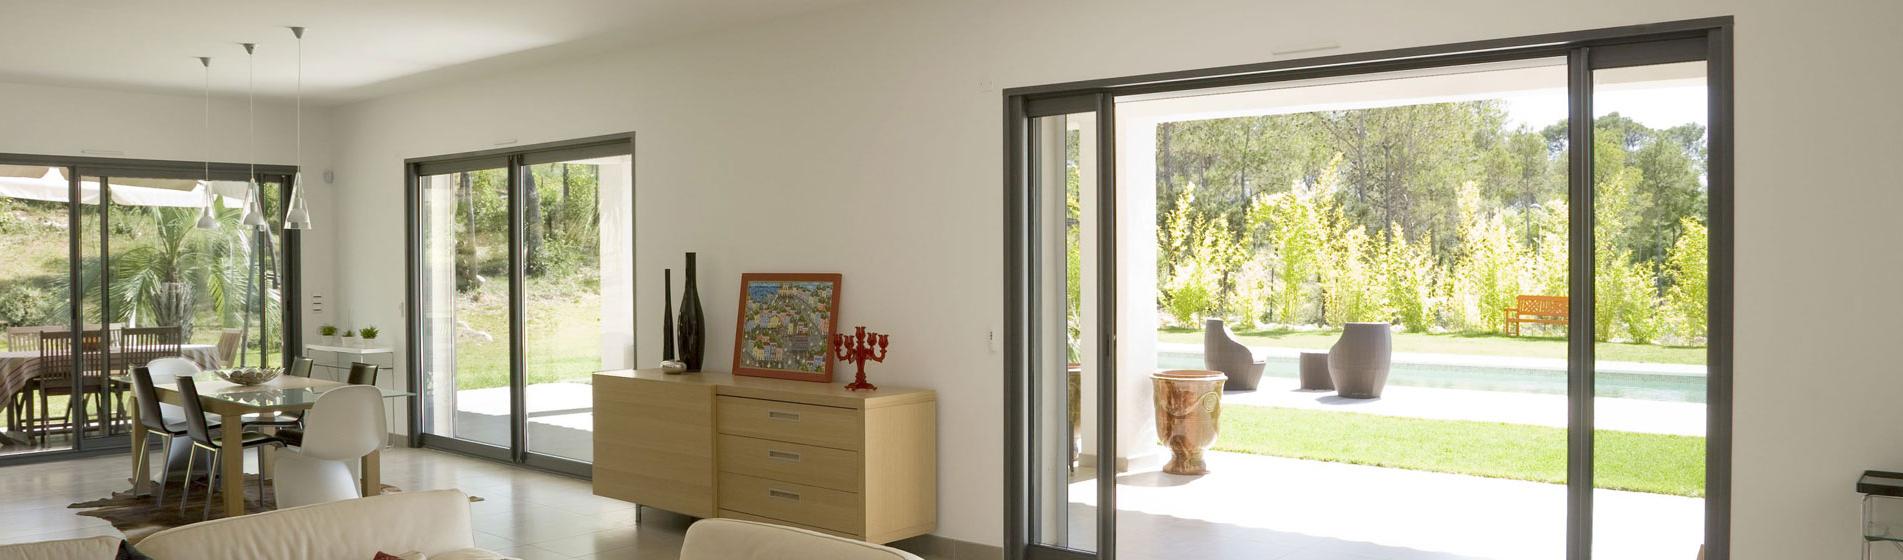 baie vitree coulissante sur-mesure 13 Bouches-du-Rhône